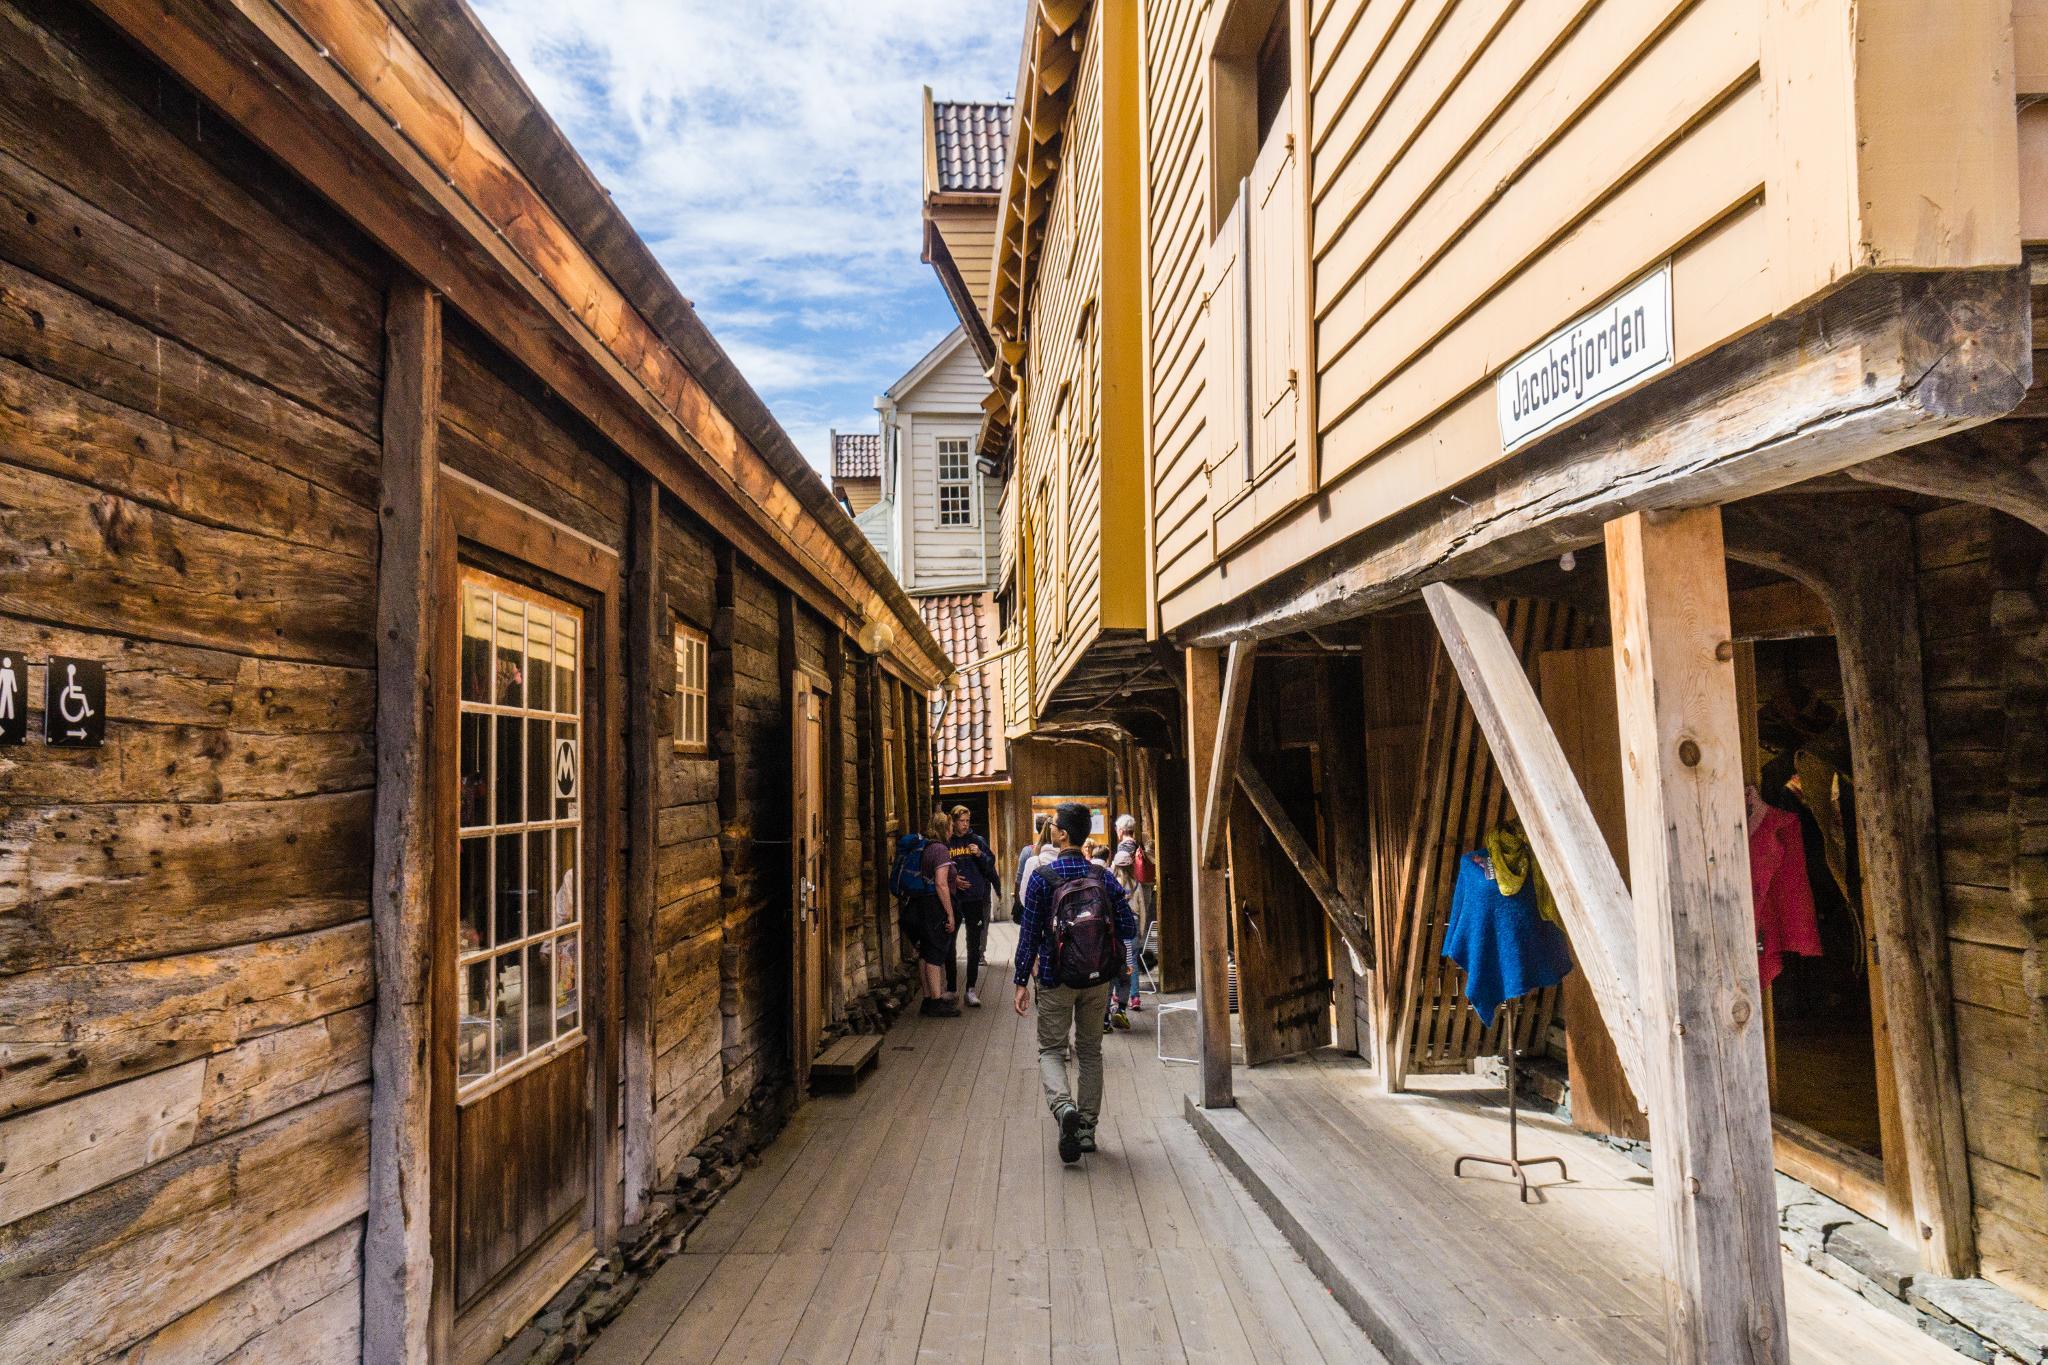 【卑爾根】Bryggen 世界遺產布呂根 — 迷失在百年歷史的挪威彩色木屋 22